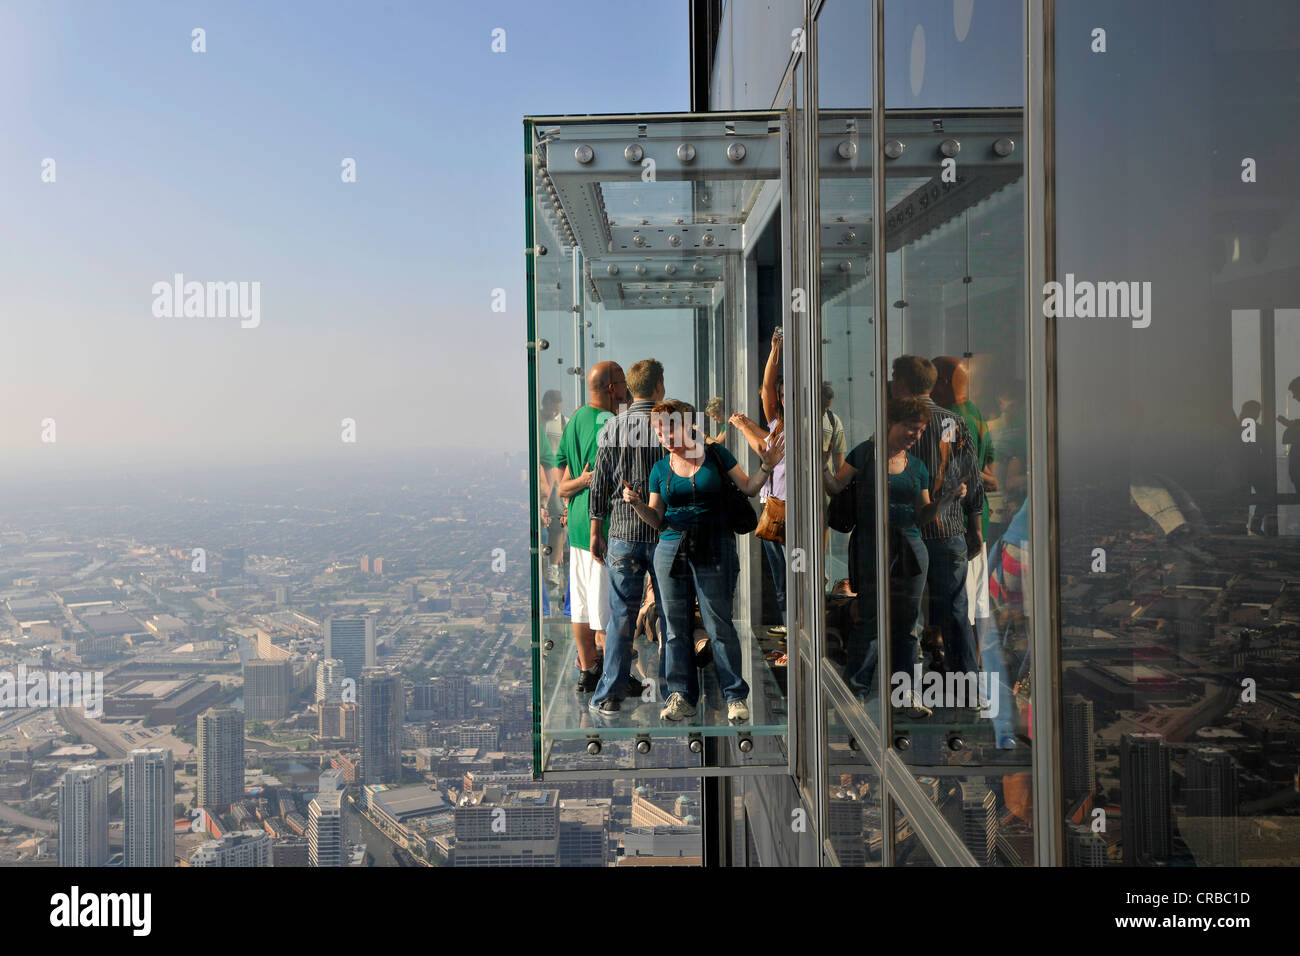 Besucher auf dem 412 Meter hohen Aussichtsplattform, Skydeck, Willis Tower, ehemals Sears Tower, Chicago, Illinois Stockbild